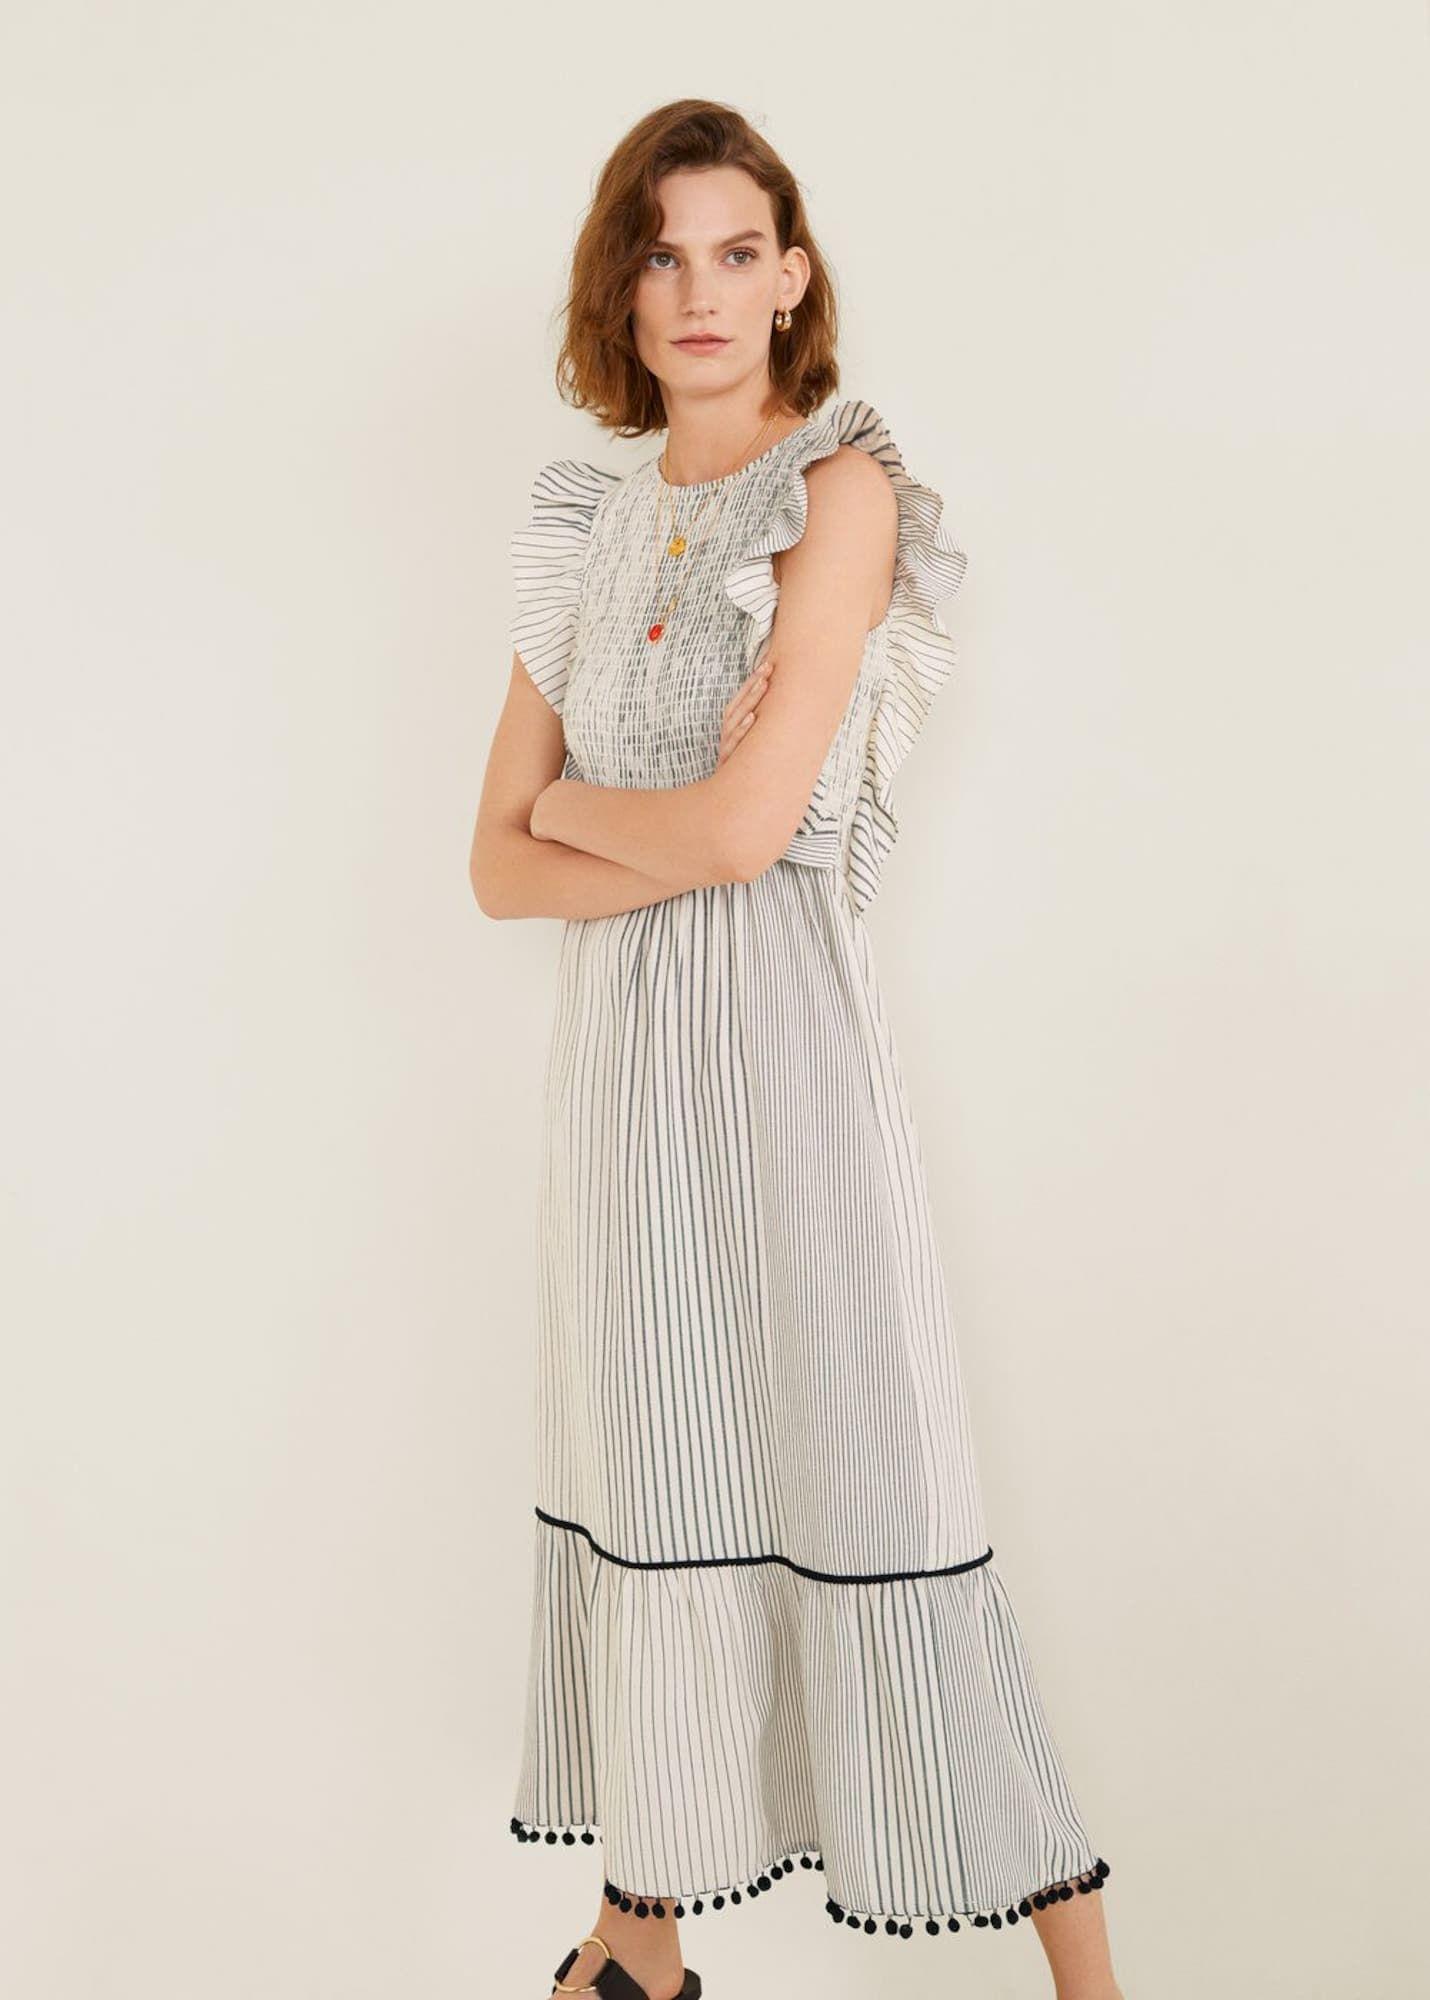 MANGO Kleid 'Edith-I' Damen, Schwarz / Weiß, Größe 38 ...